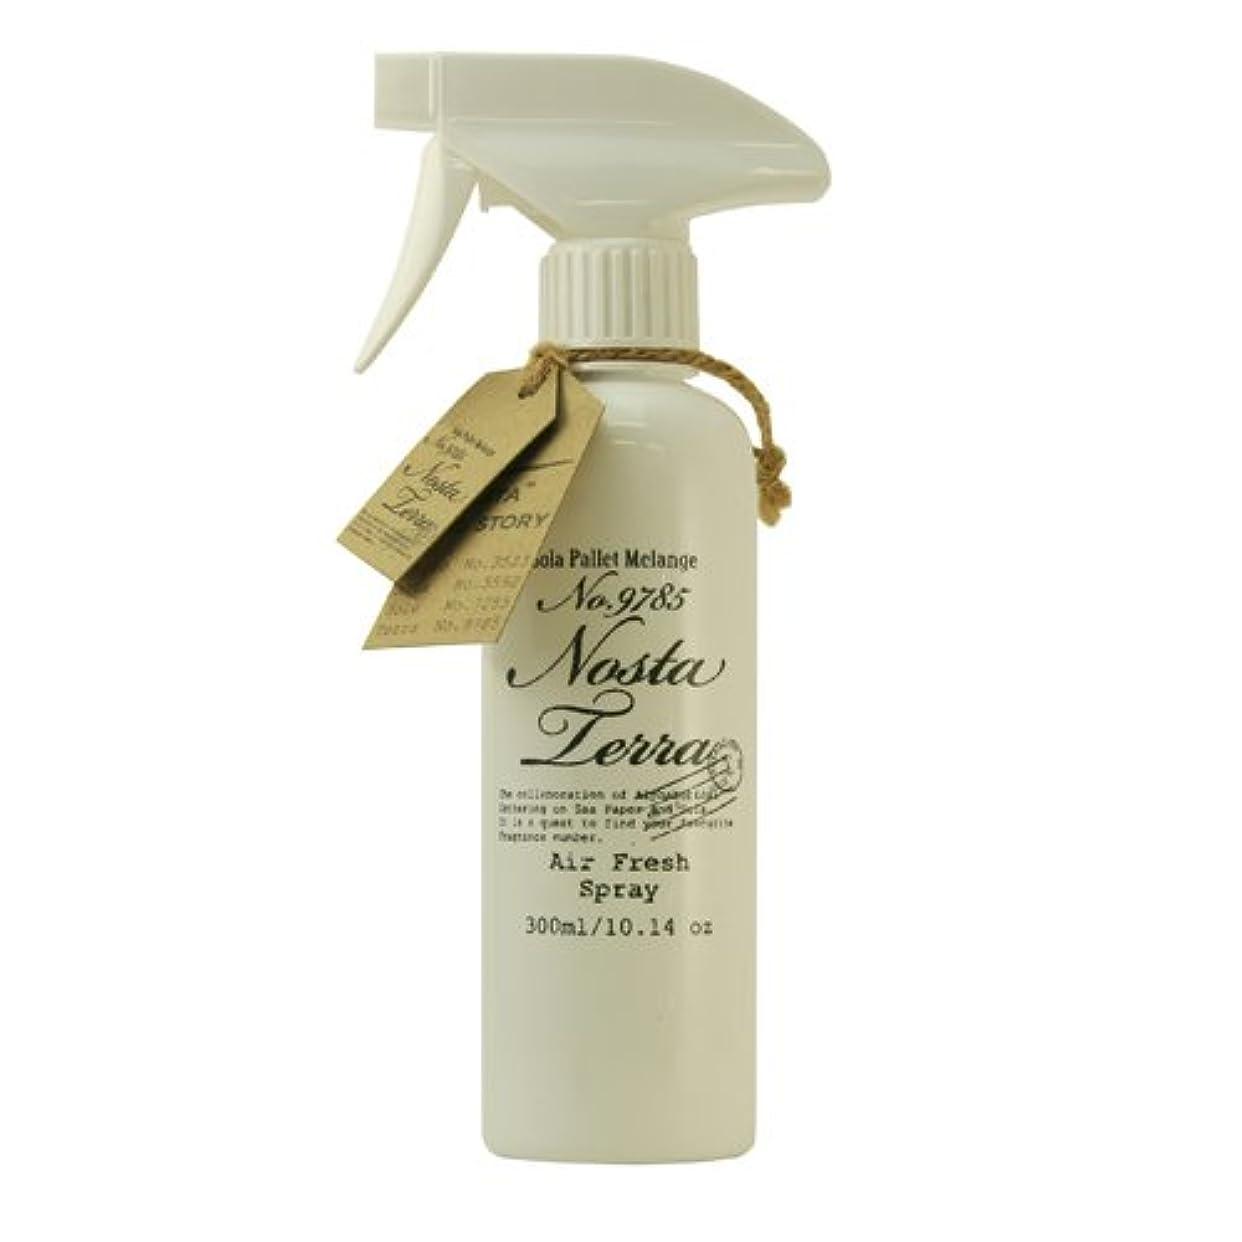 行方不明説得力のある所有者Nosta ノスタ Air Fresh Spray エアーフレッシュスプレー(ルームスプレー)Terra テラ / 母なる大地